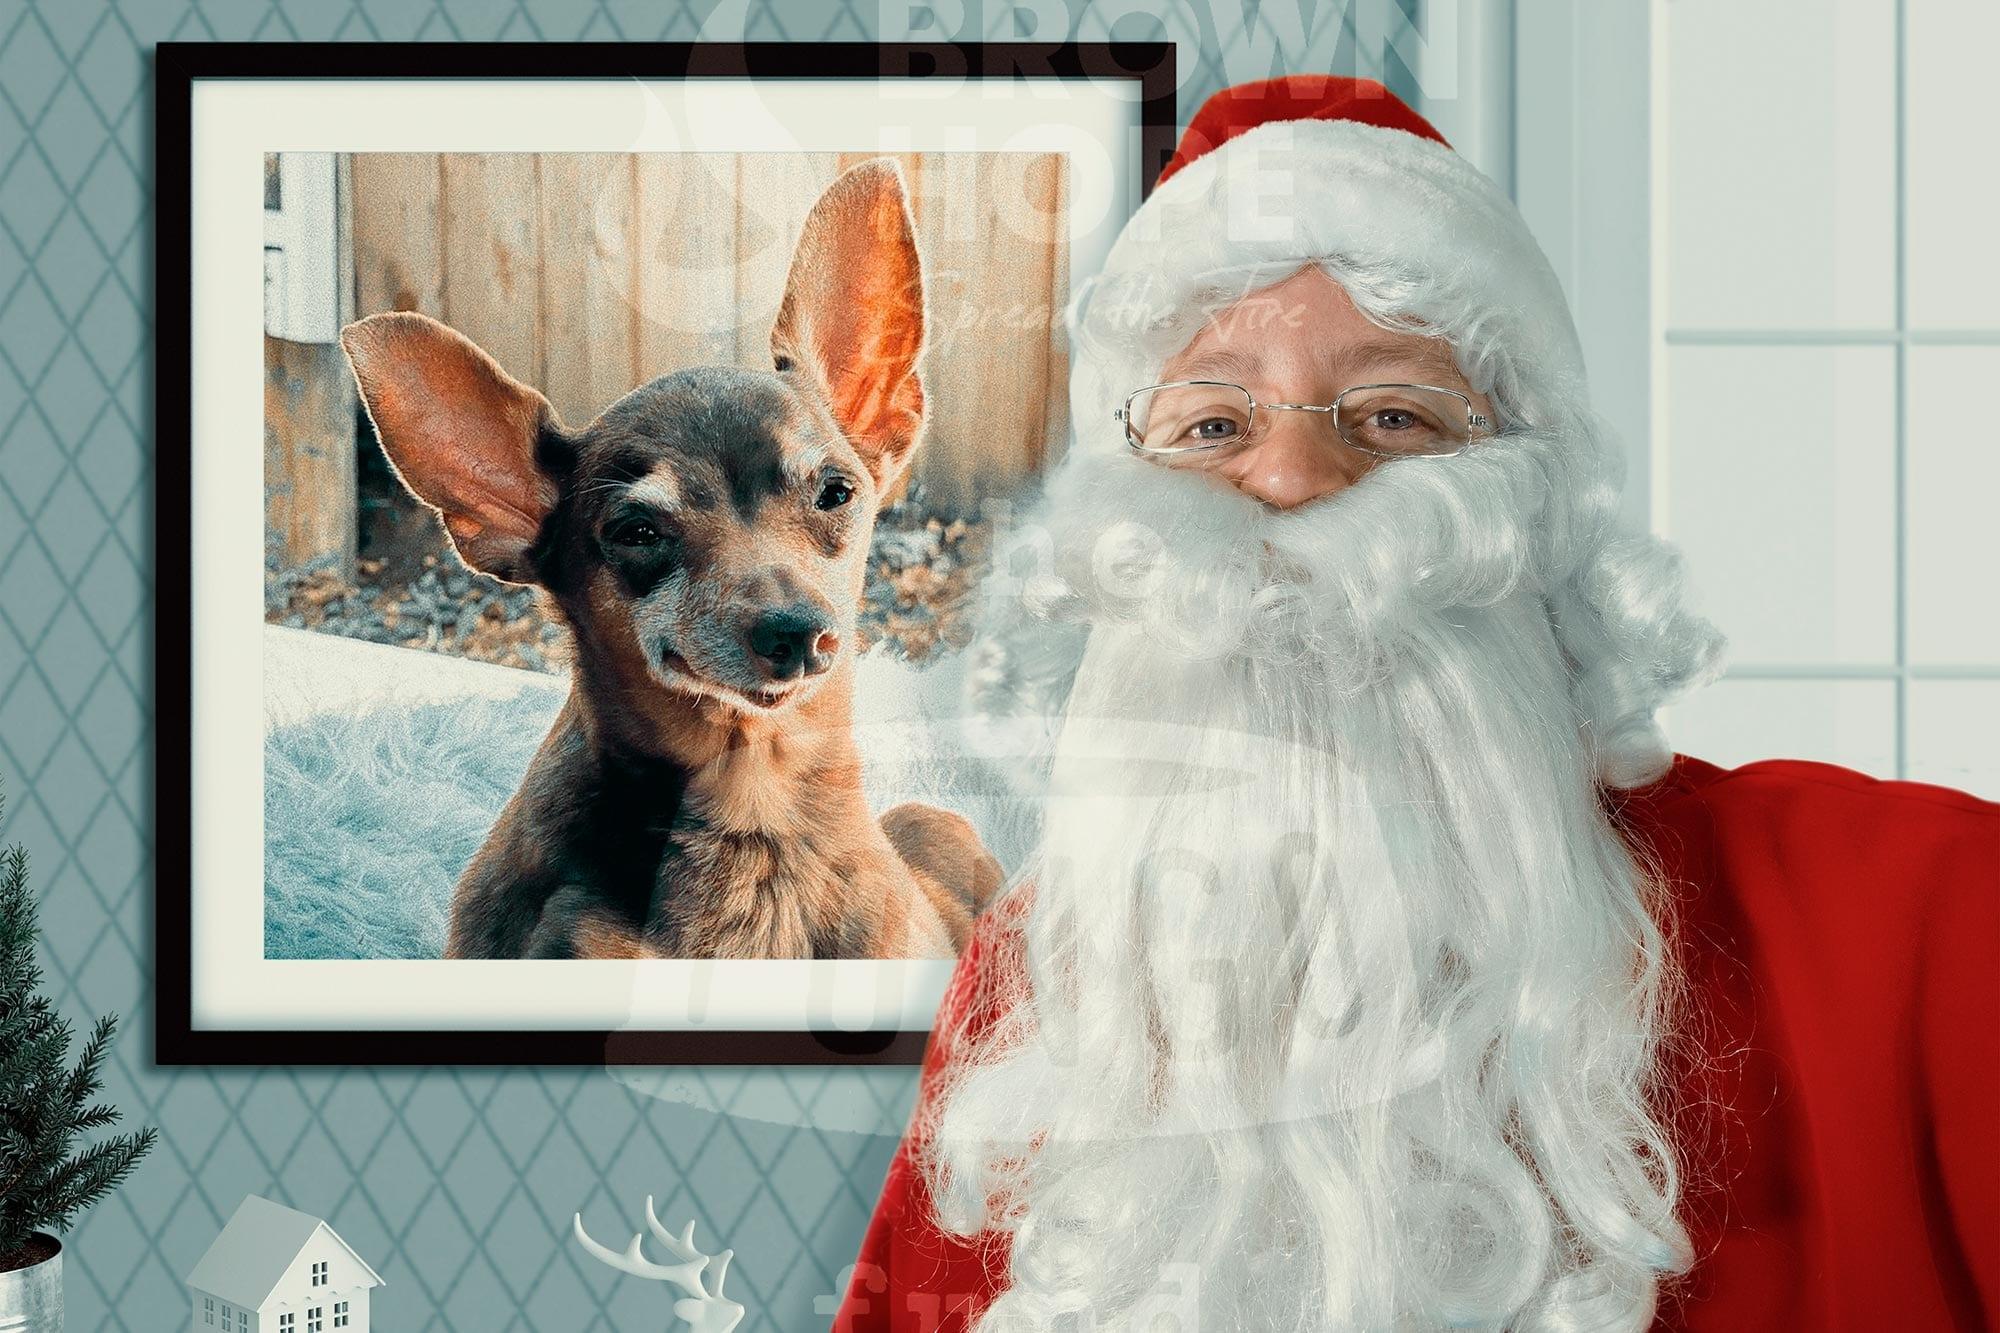 Santa Photos with your Pet